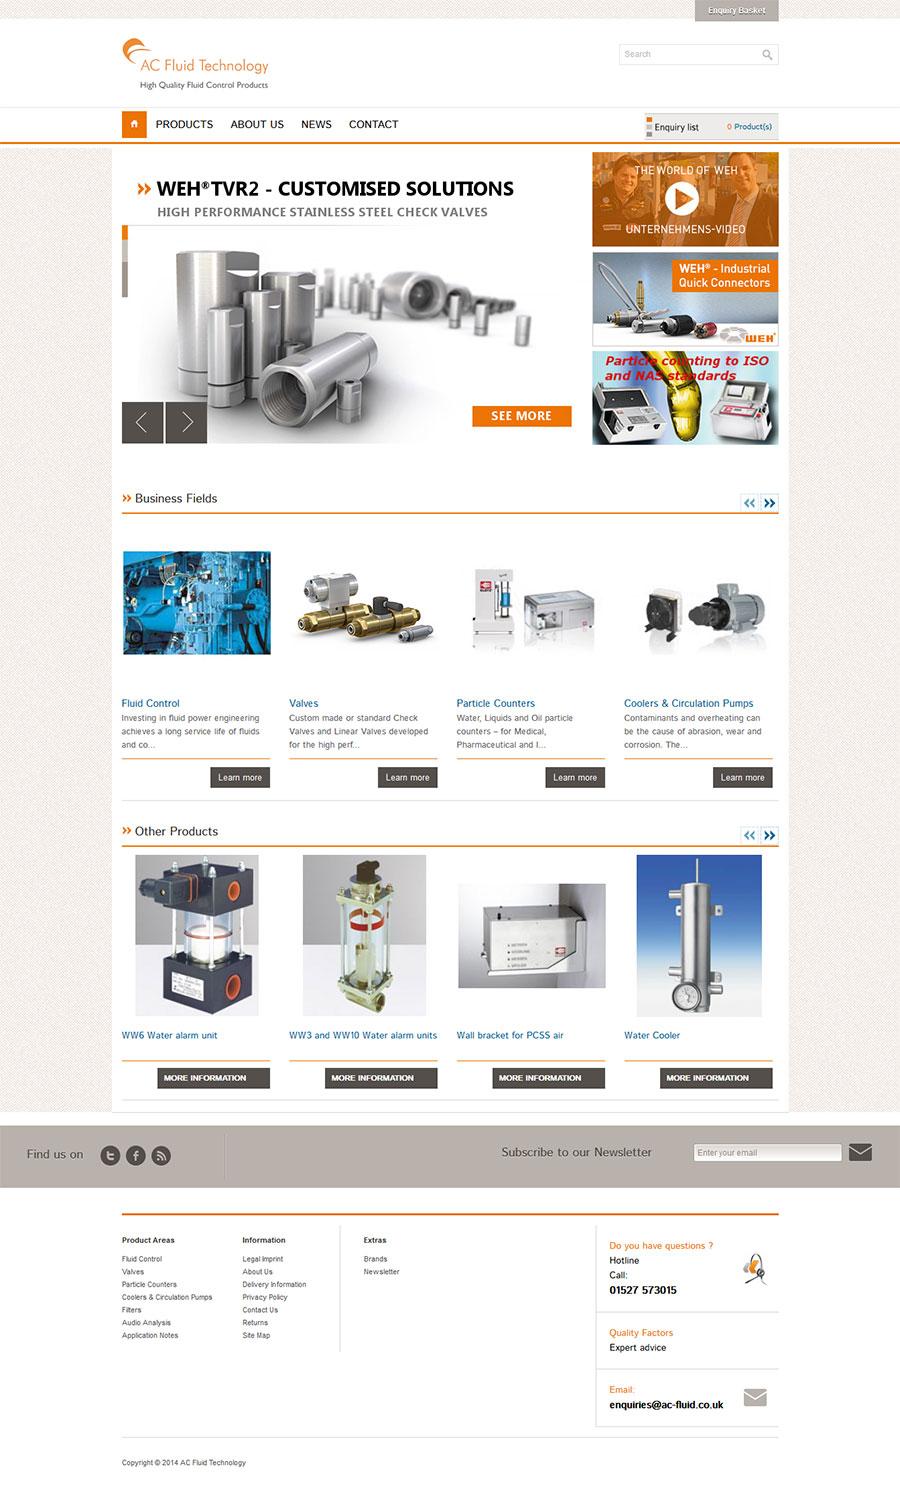 AC Fluid Technology